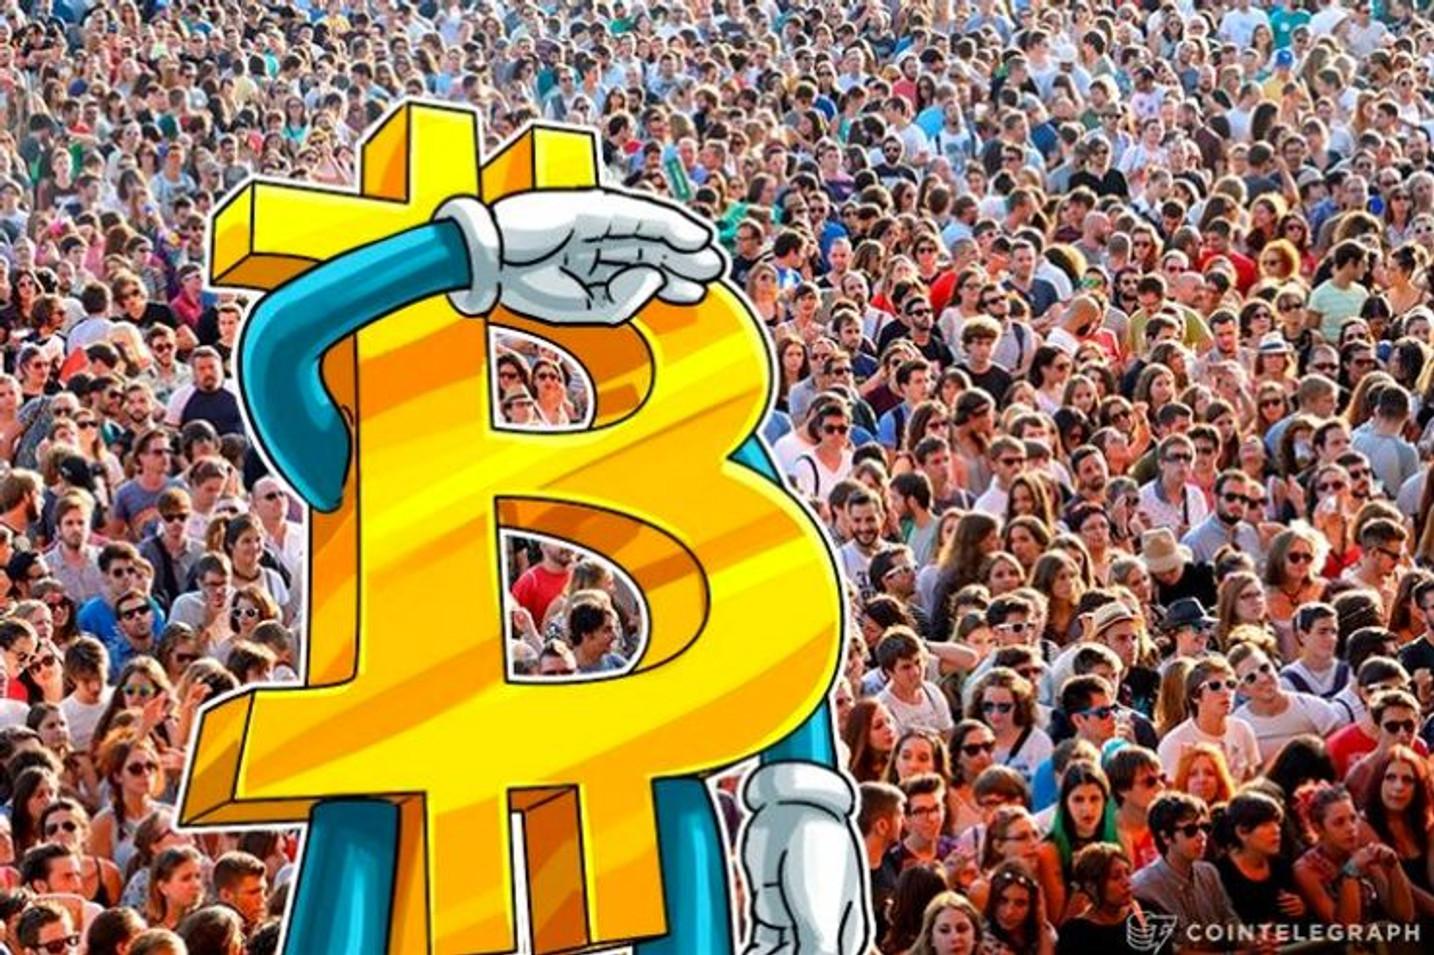 仮想通貨ビットコインにプルバックの可能性も「歴史的に最高の買い機会」【米格付け会社リポート】